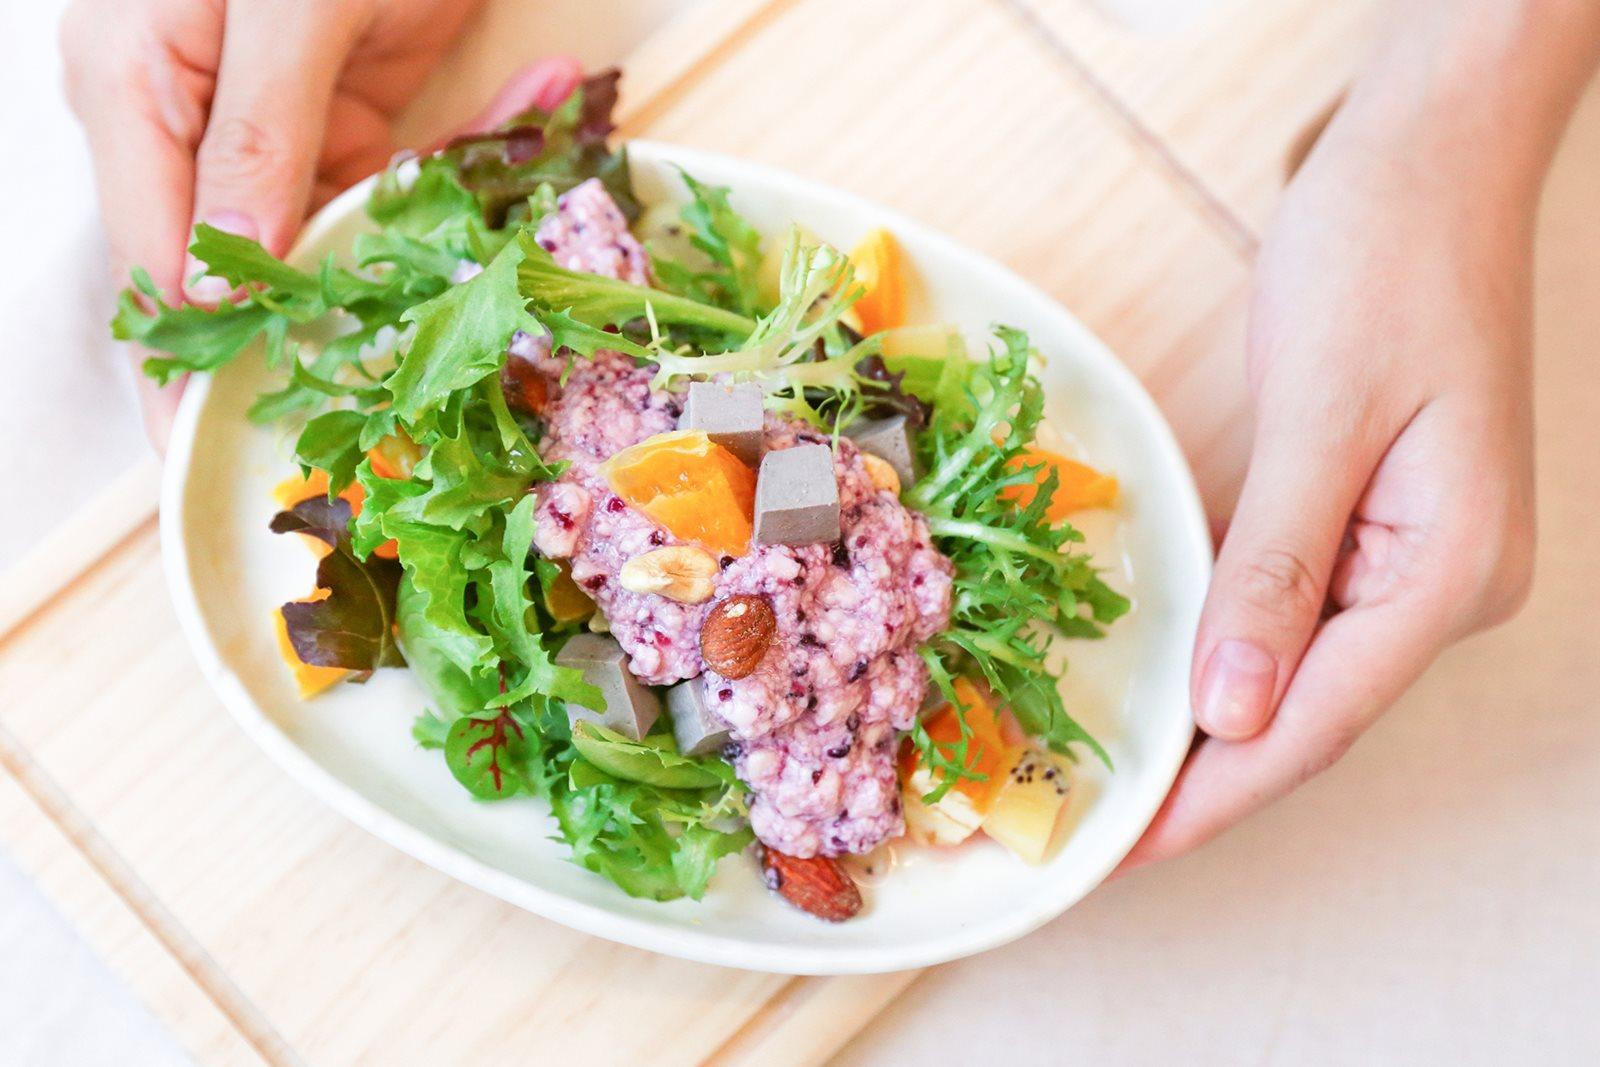 桑葚豆漿優格佐豆腐沙拉,酸甜滋味溫柔喚醒早晨的胃|禾乃川小廚房